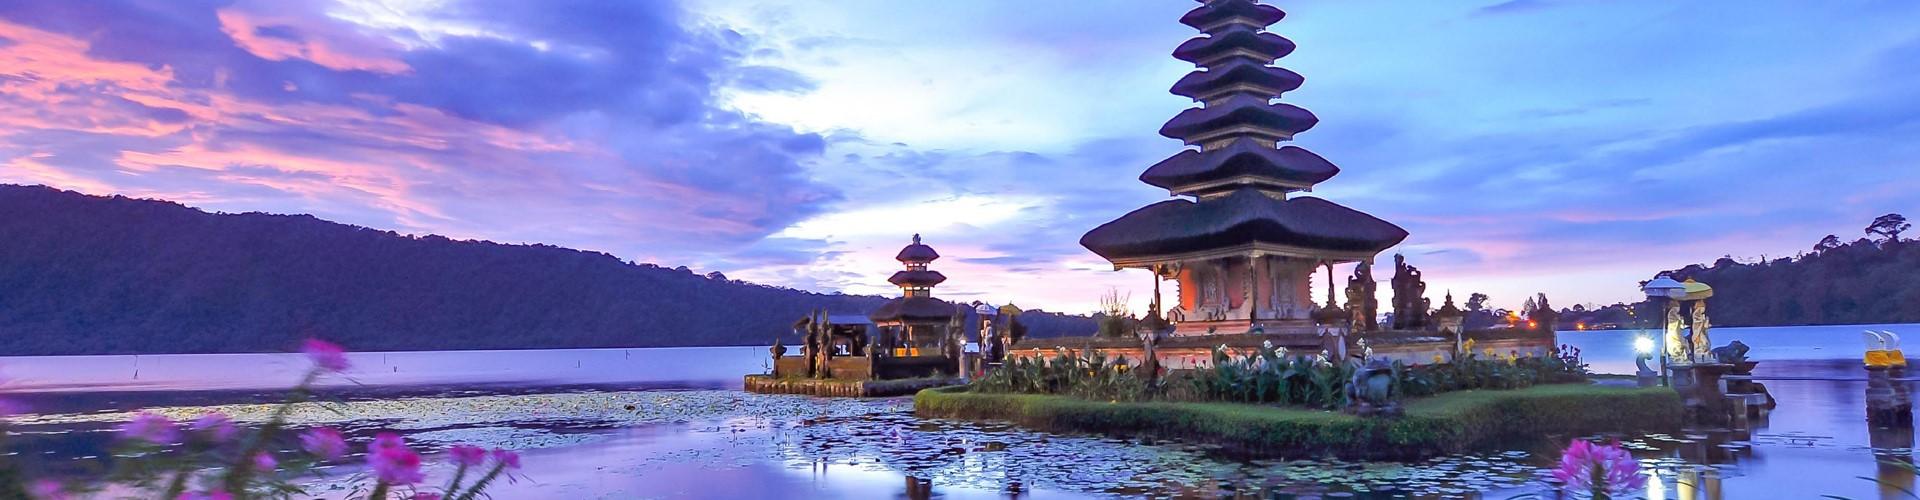 2020 印尼雅加達泗水旅遊懶人包攻略-簽證 機票 網路 交通 住宿 自由行app推薦 @東南亞投資報告